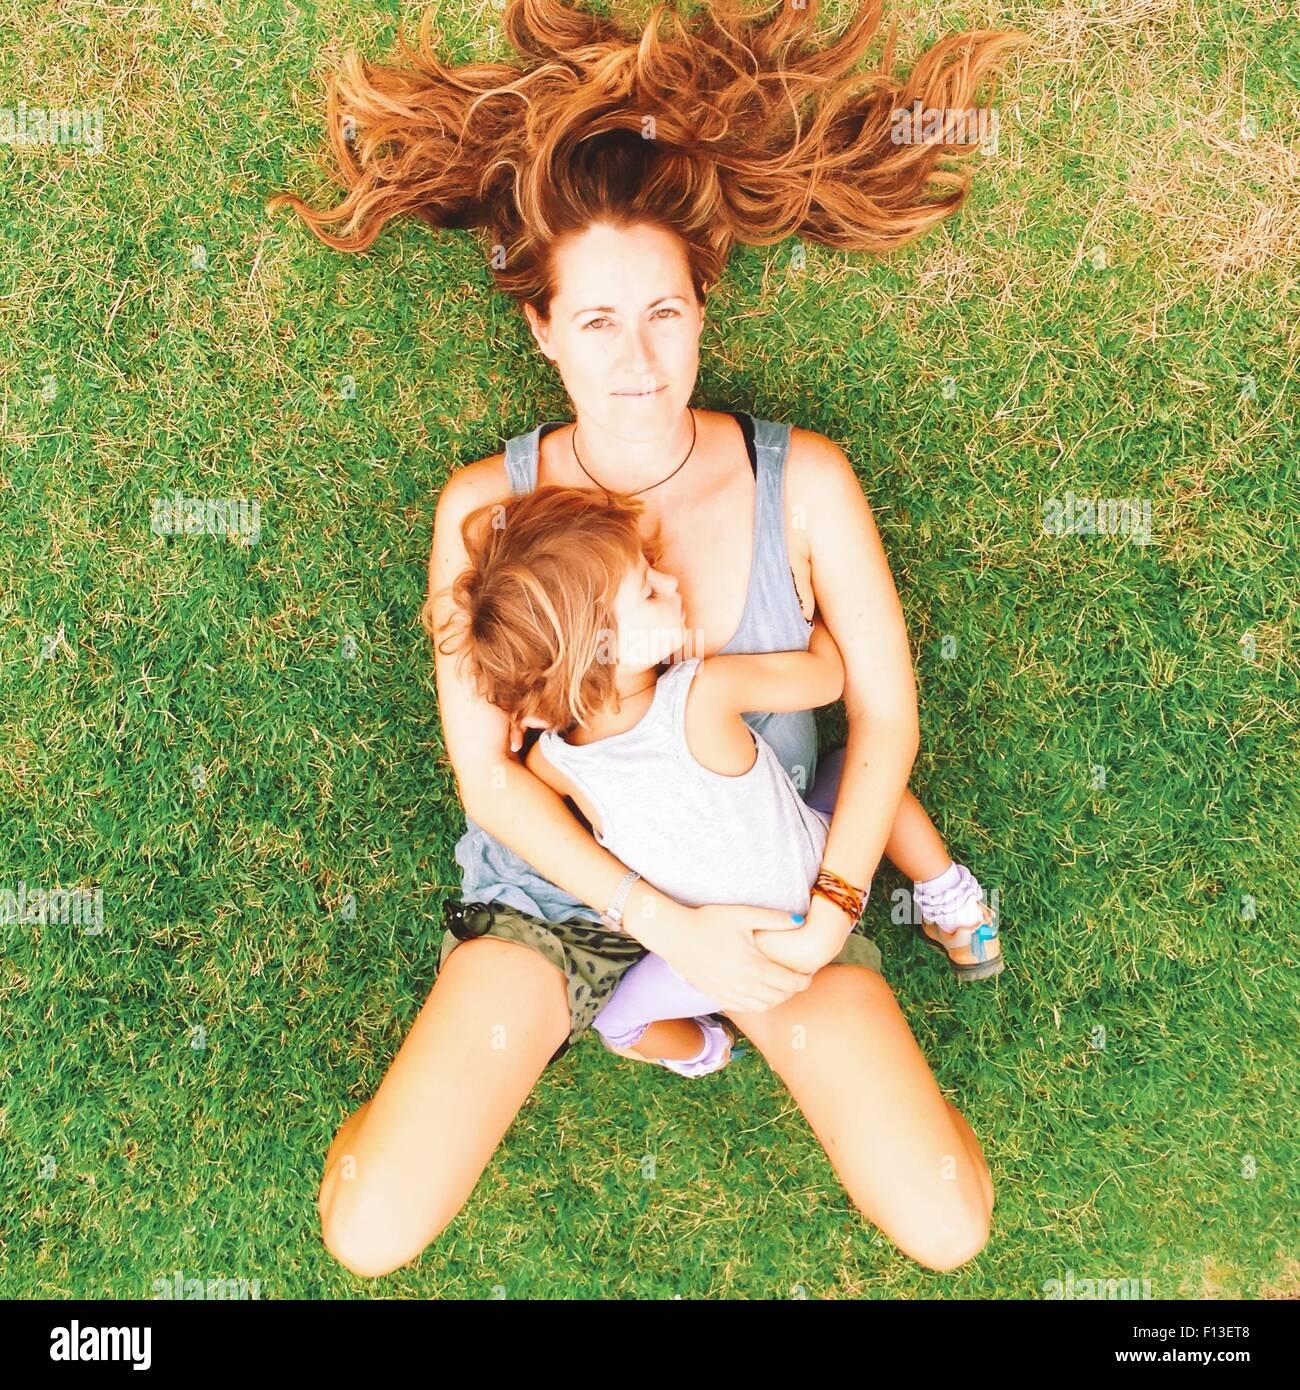 Draufsicht auf eine Frau liegt auf dem Rasen mit ihrer Tochter Stockbild